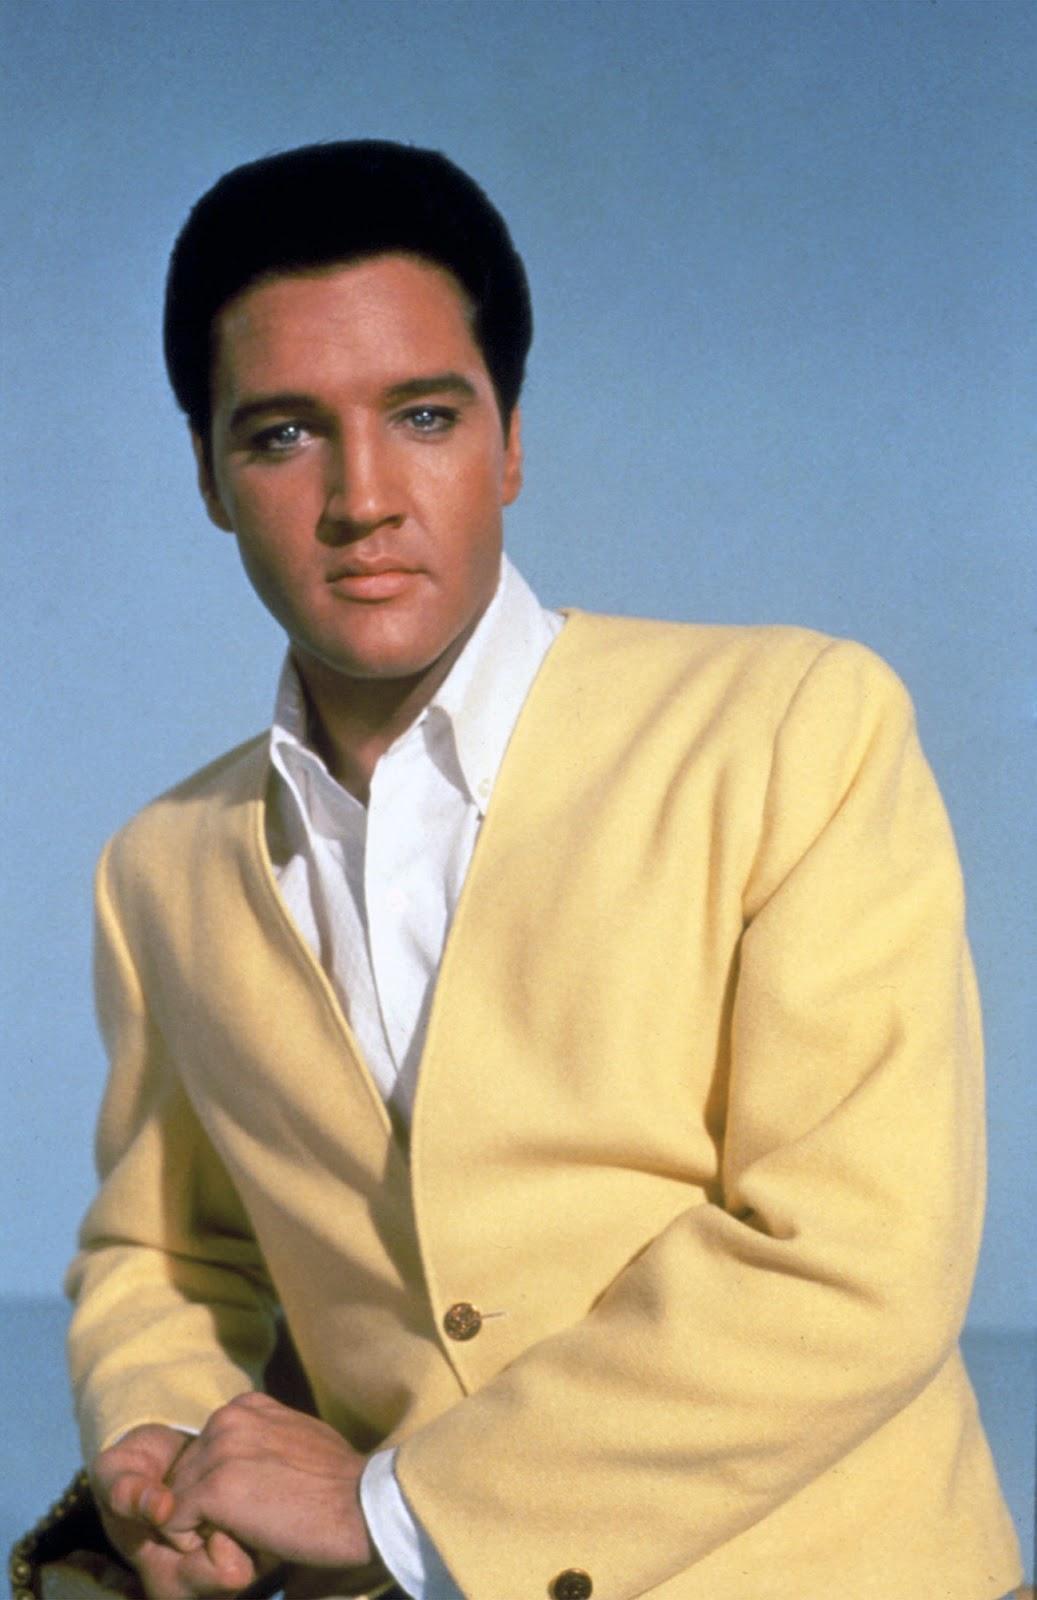 Elvis Presley nasıl öldü Elvis hangi yaşta ölmüş